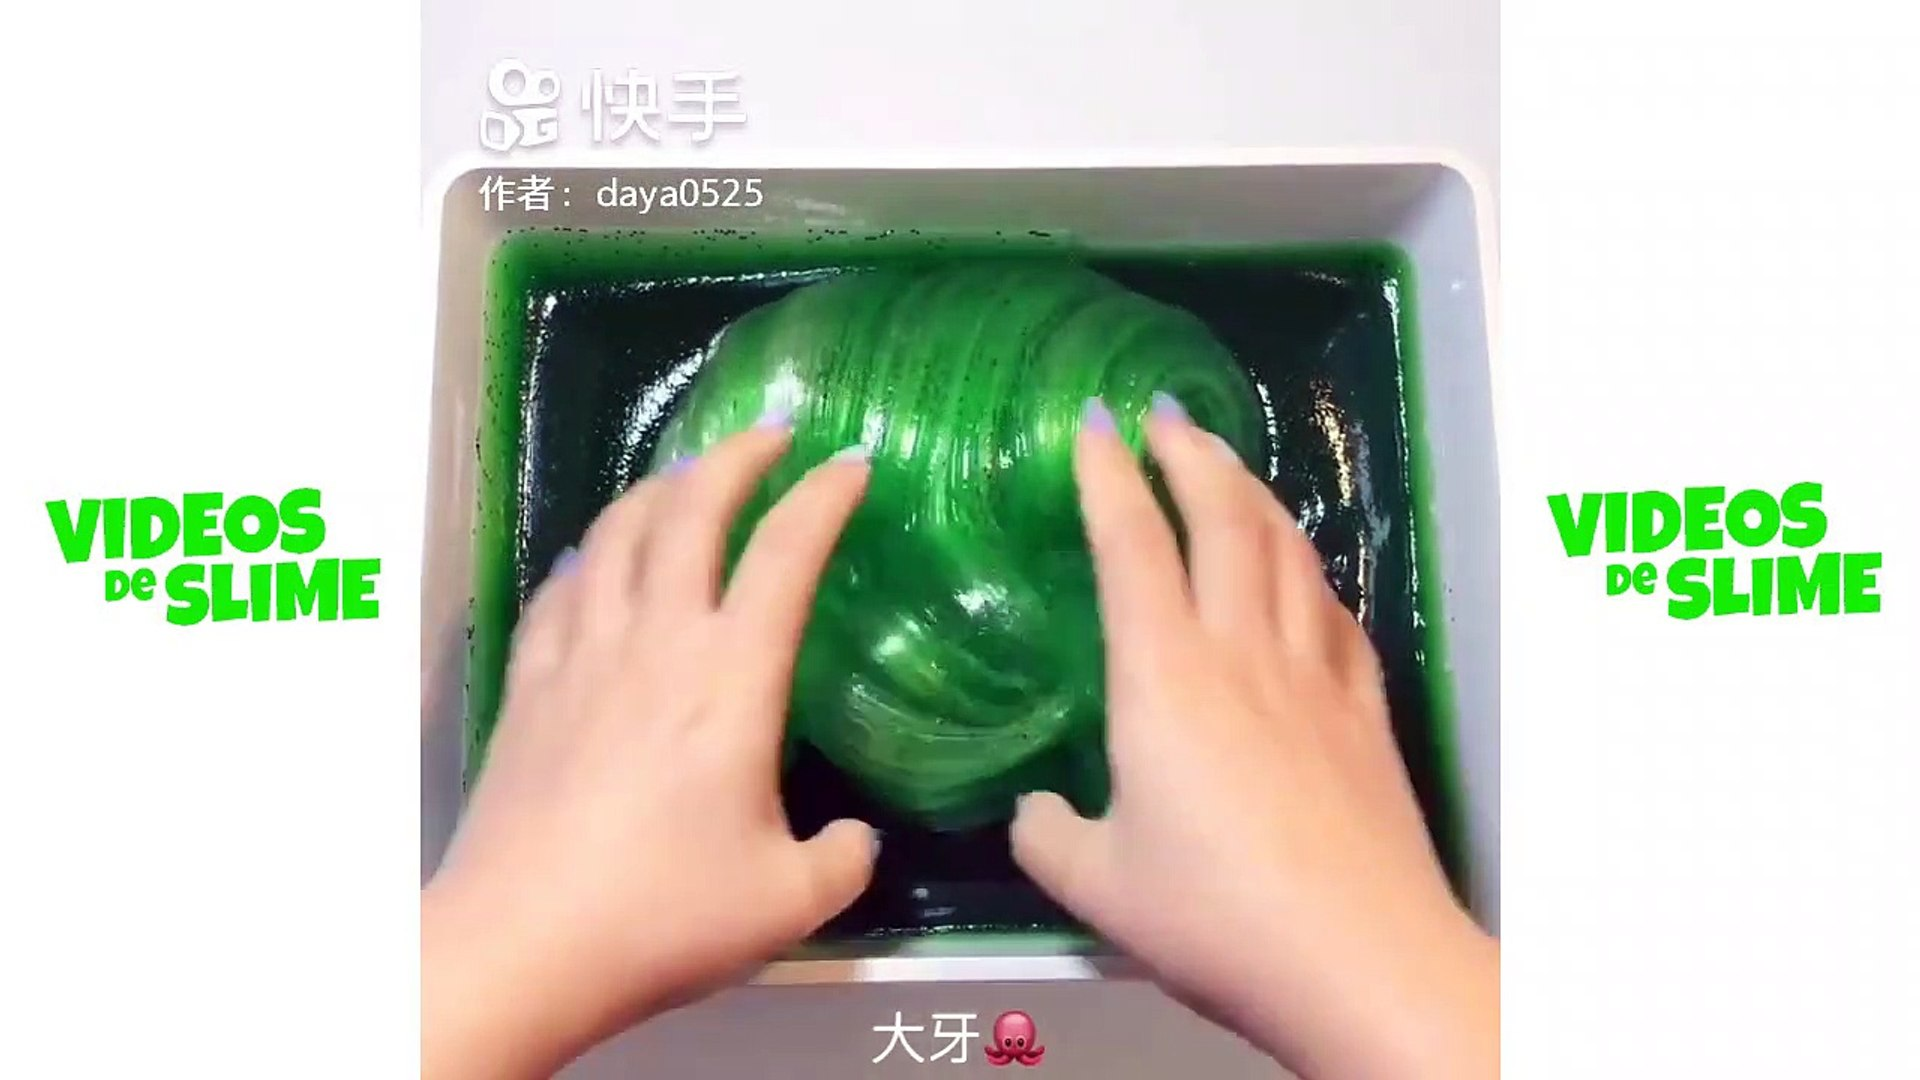 Vídeos de Slime: Satisfatório & Relaxante #229